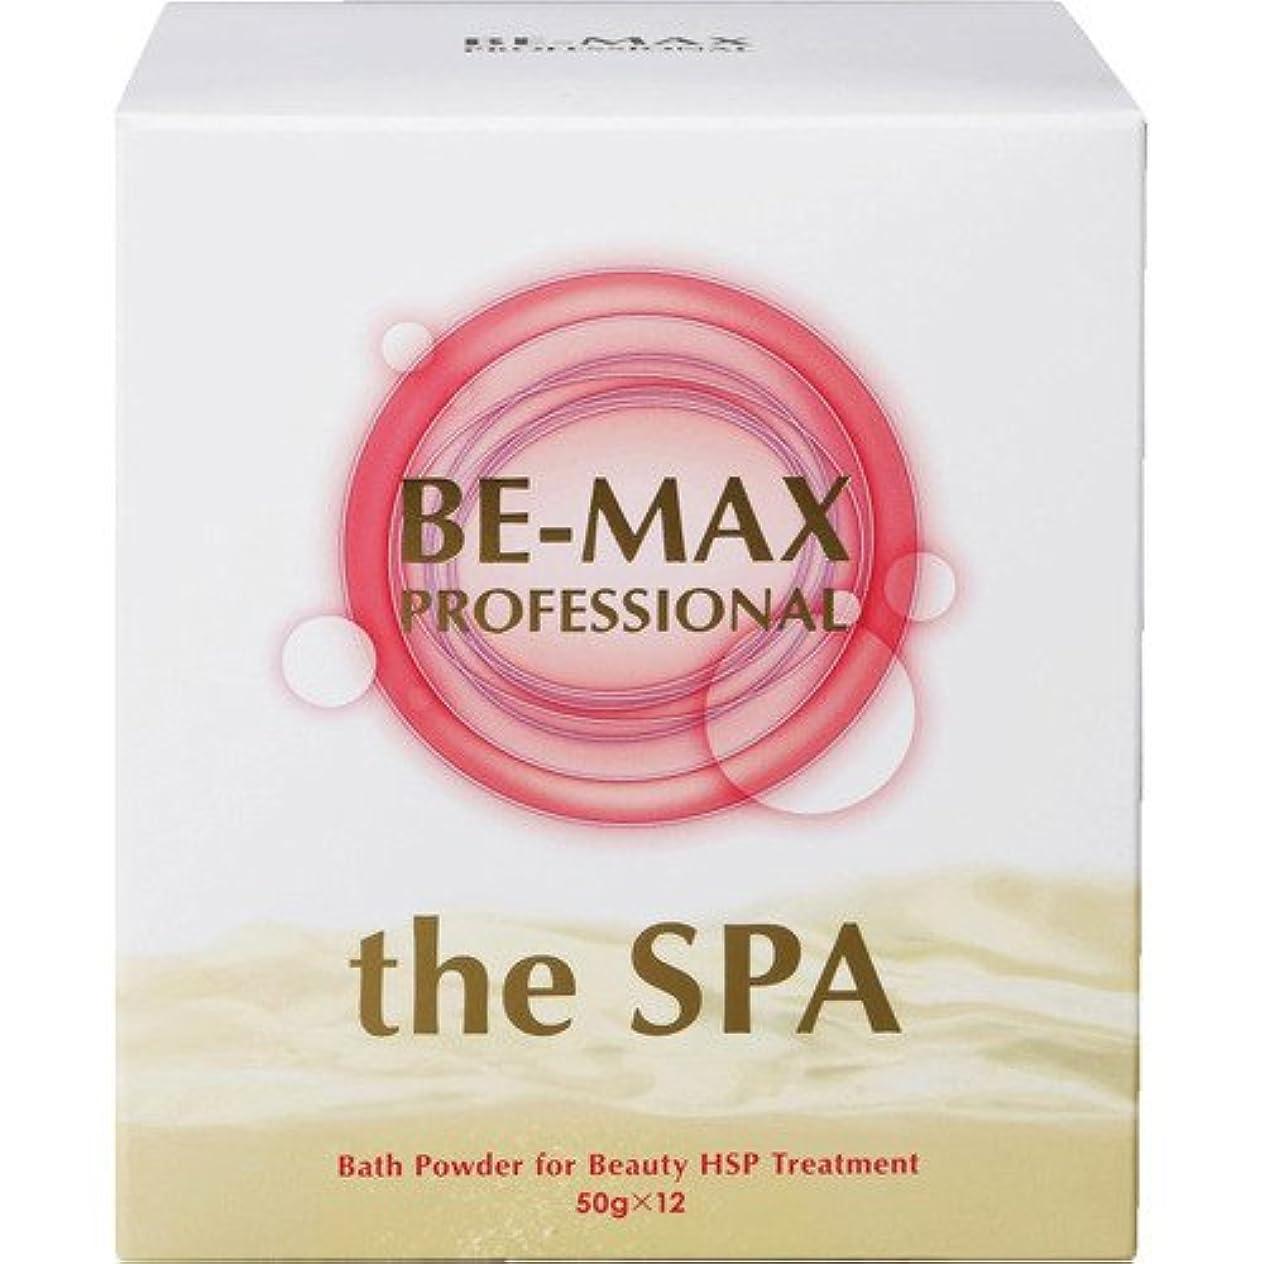 幸運なことにに対応するどちらもBE-MAX the SPA 入浴剤 柑橘系ハーブ精油がふわりと香る微炭酸湯